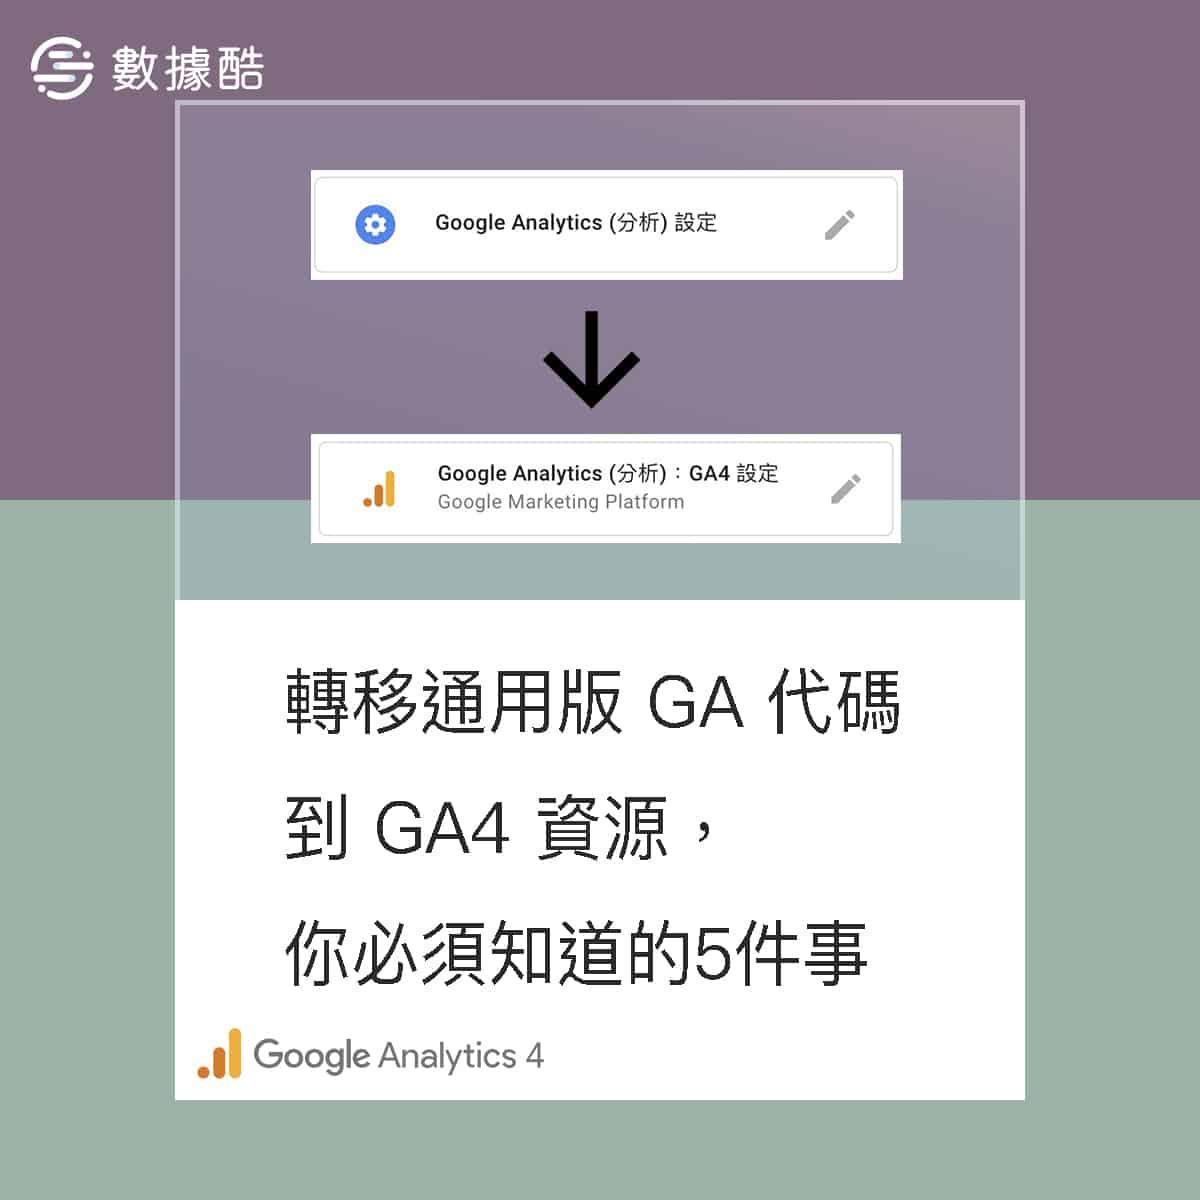 轉移通用版 GA 代碼到 GA4 資源,你必須知道的五件事